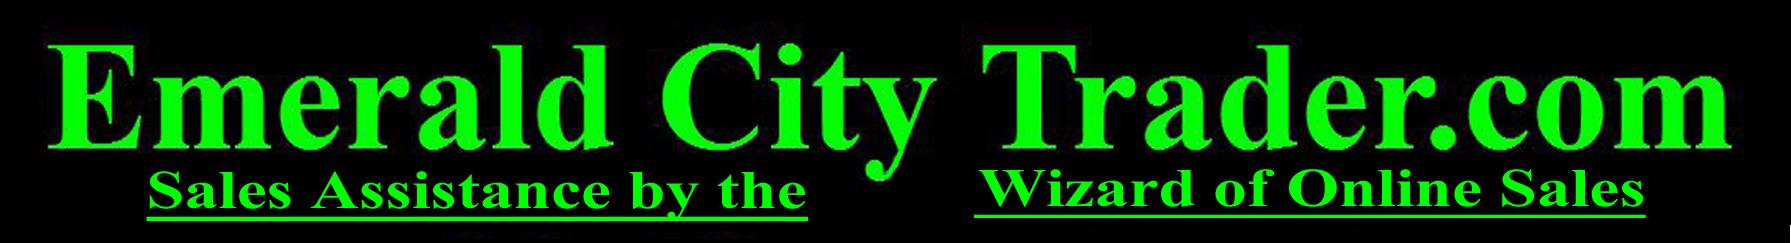 Emerald City Trader dot com